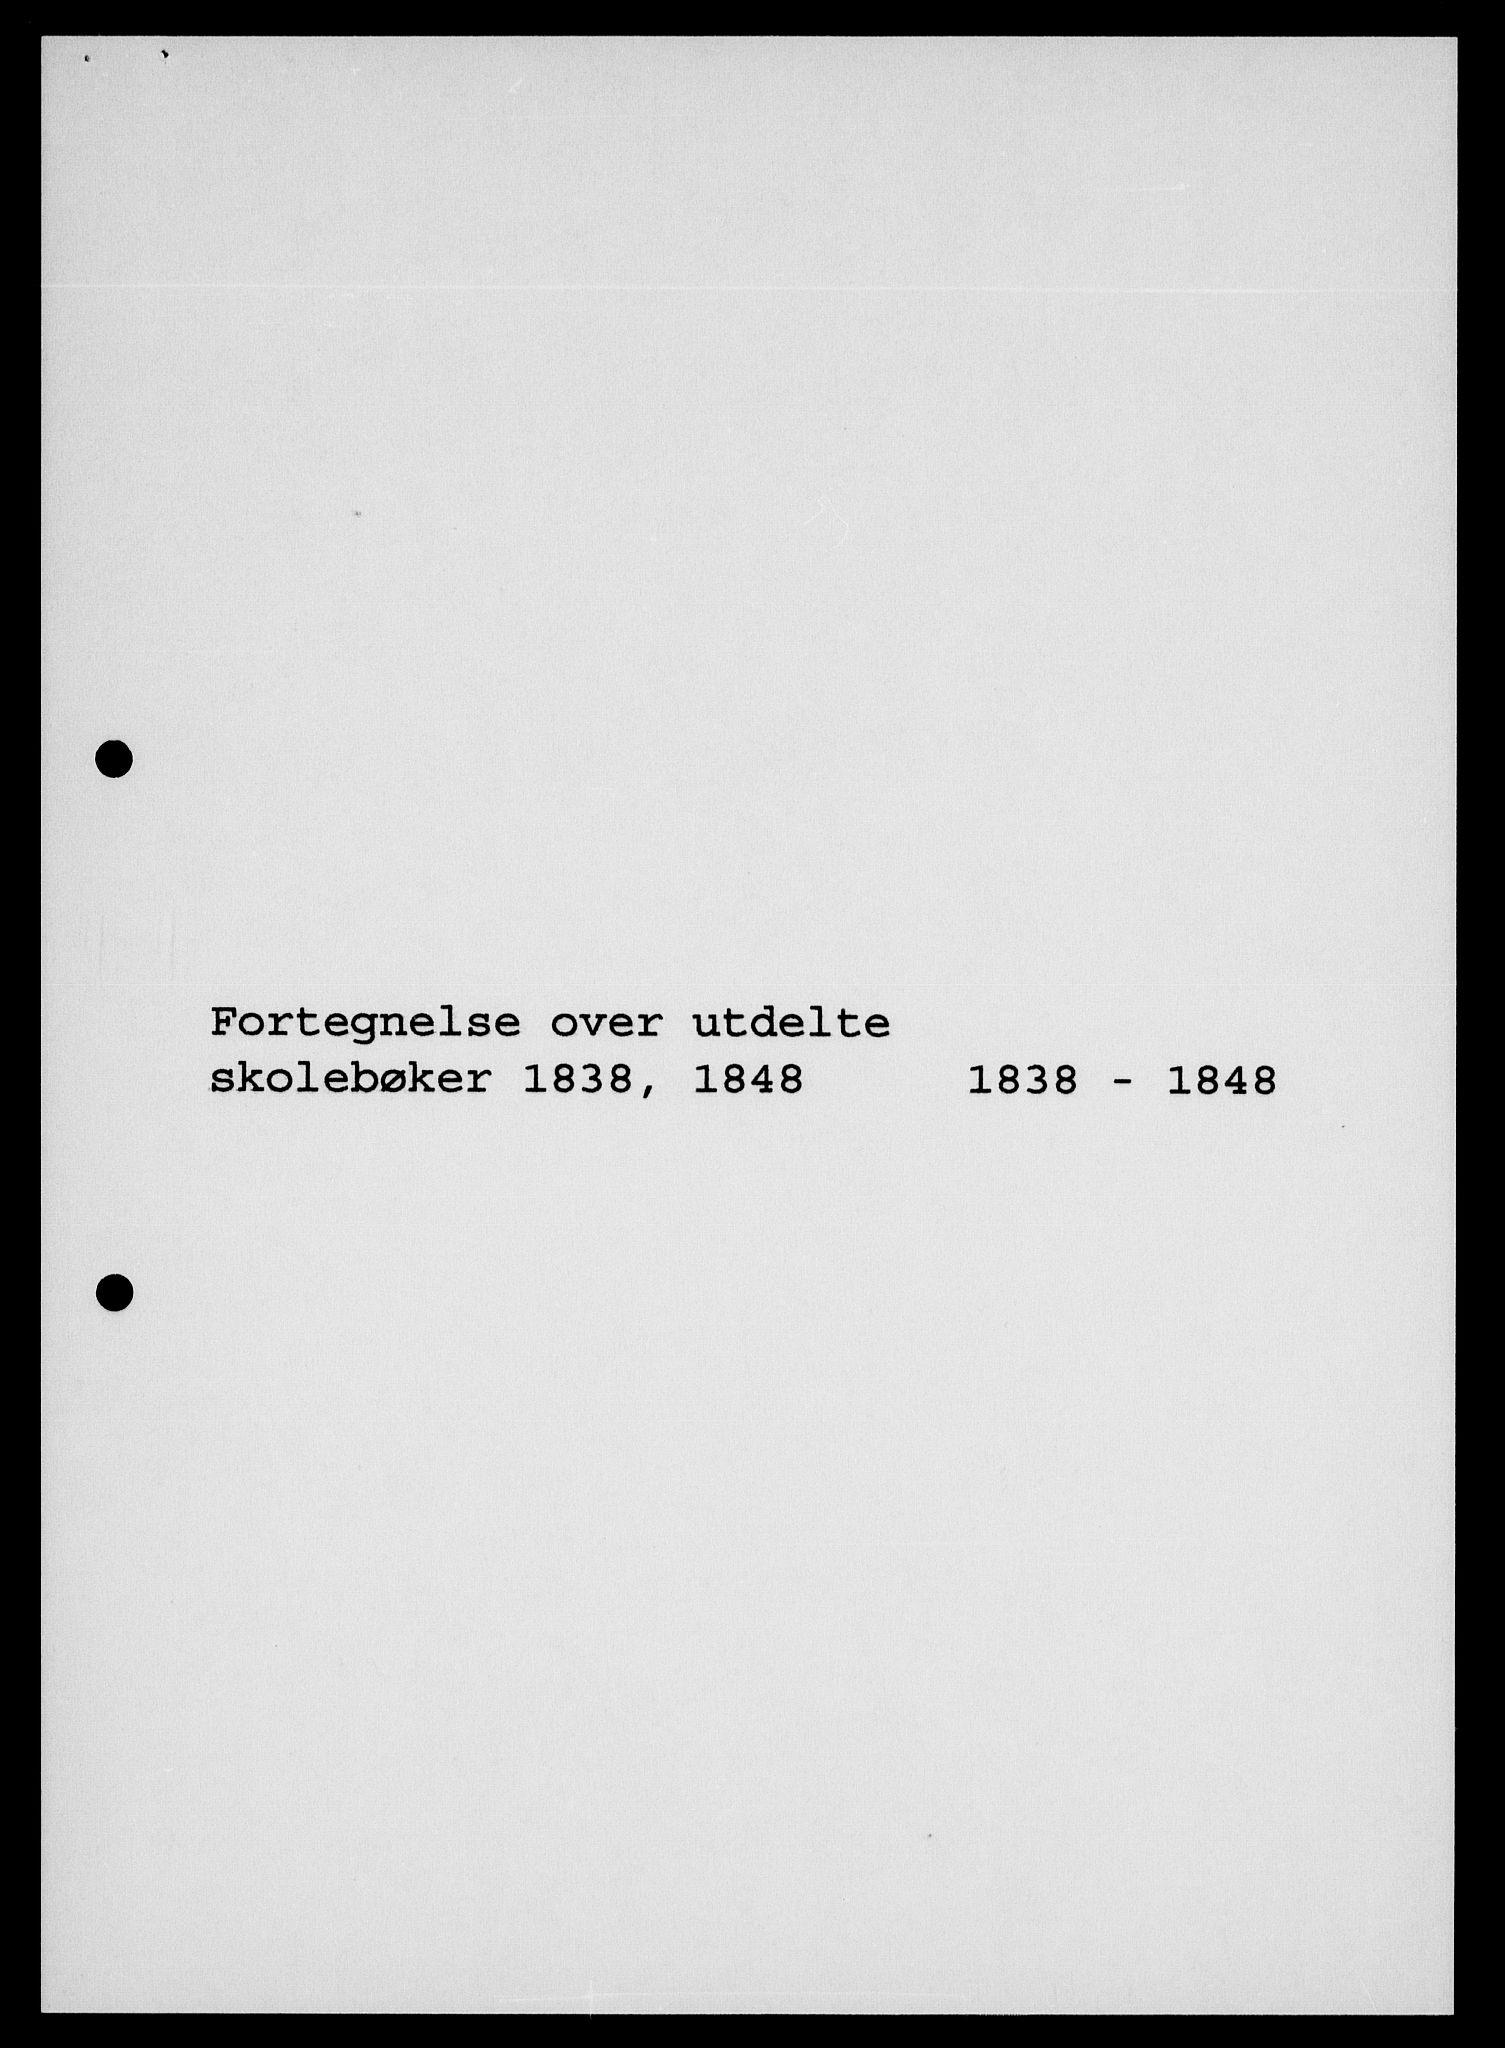 RA, Modums Blaafarveværk, G/Gi/L0381, 1823-1848, s. 255